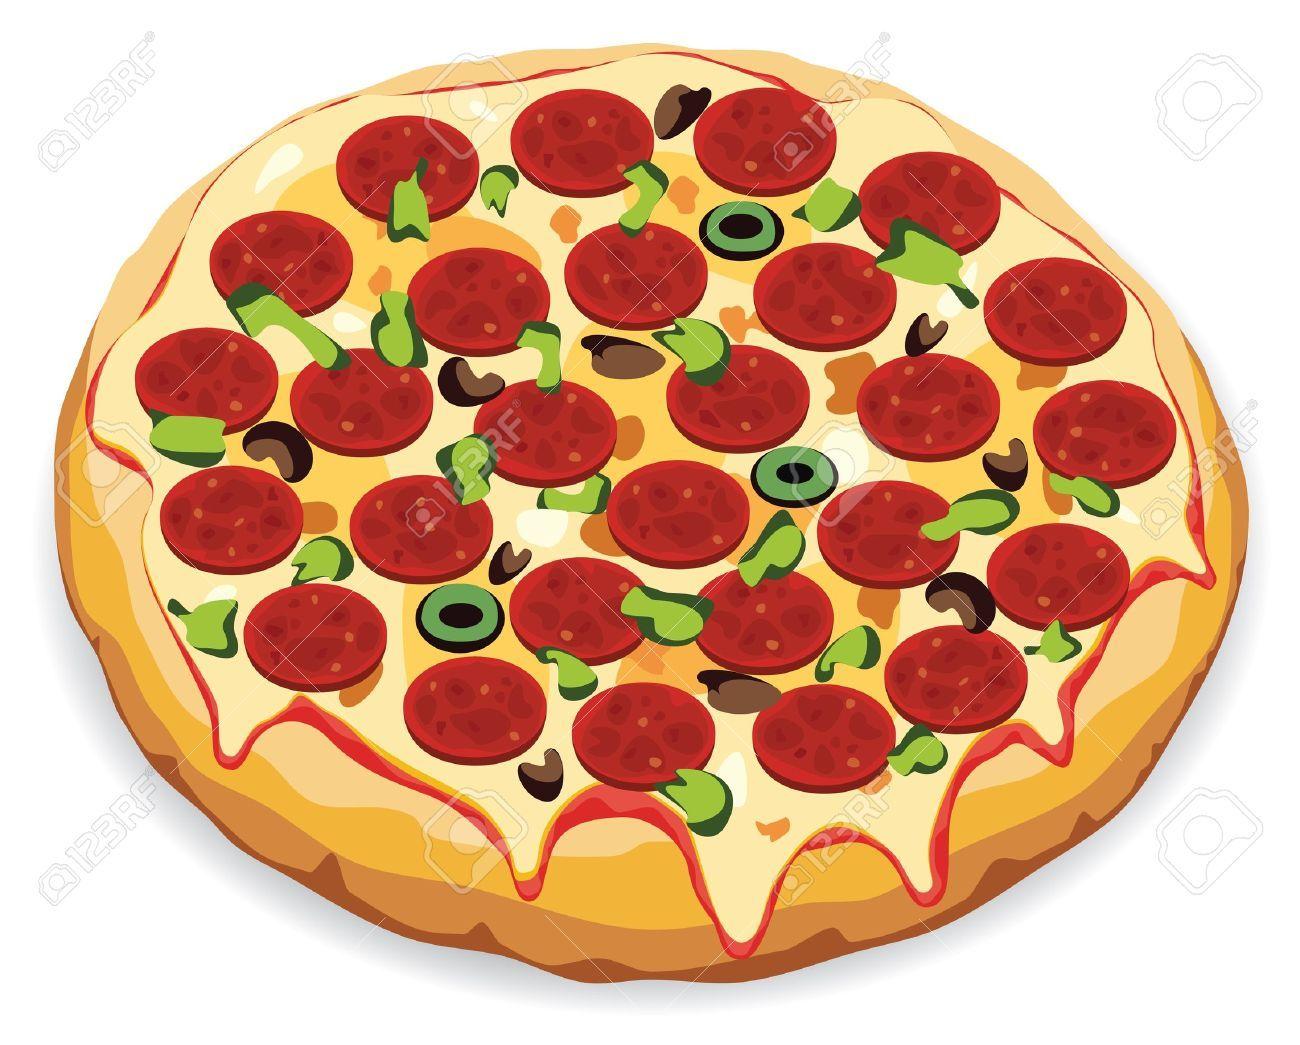 La pizza clipart picture black and white download La pizza clipart 4 » Clipart Portal picture black and white download